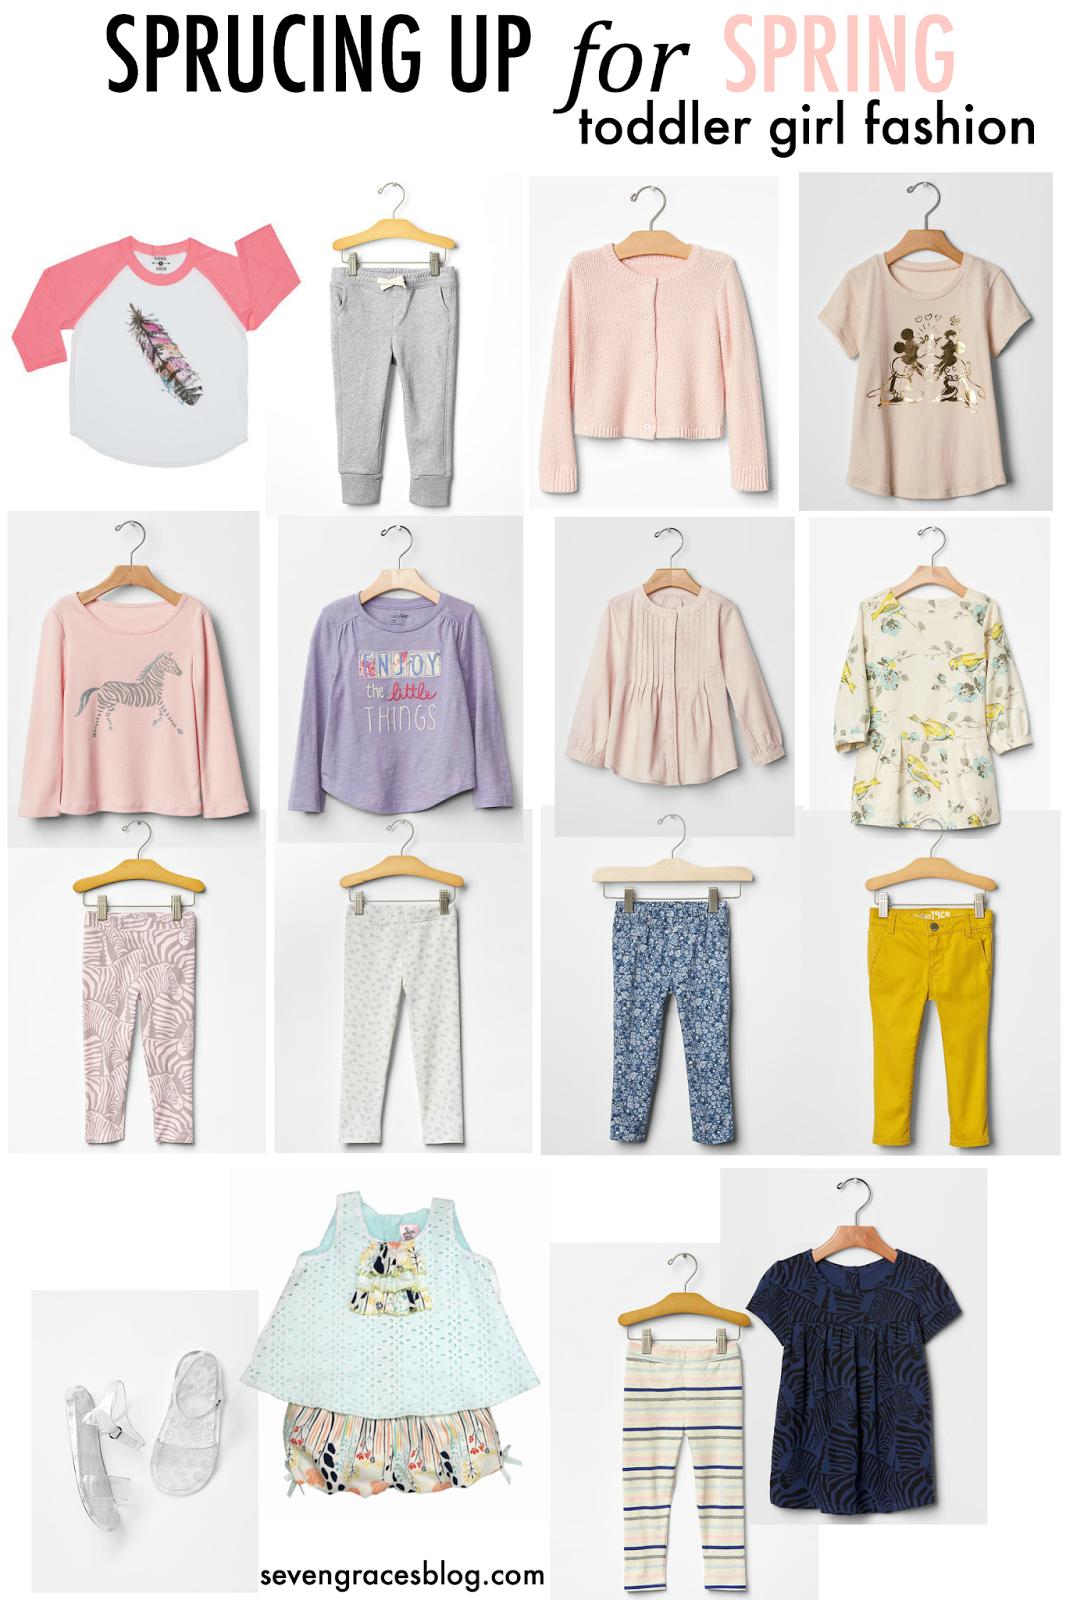 Toddler girl fashion sprucing up for spring toddler girls fashion